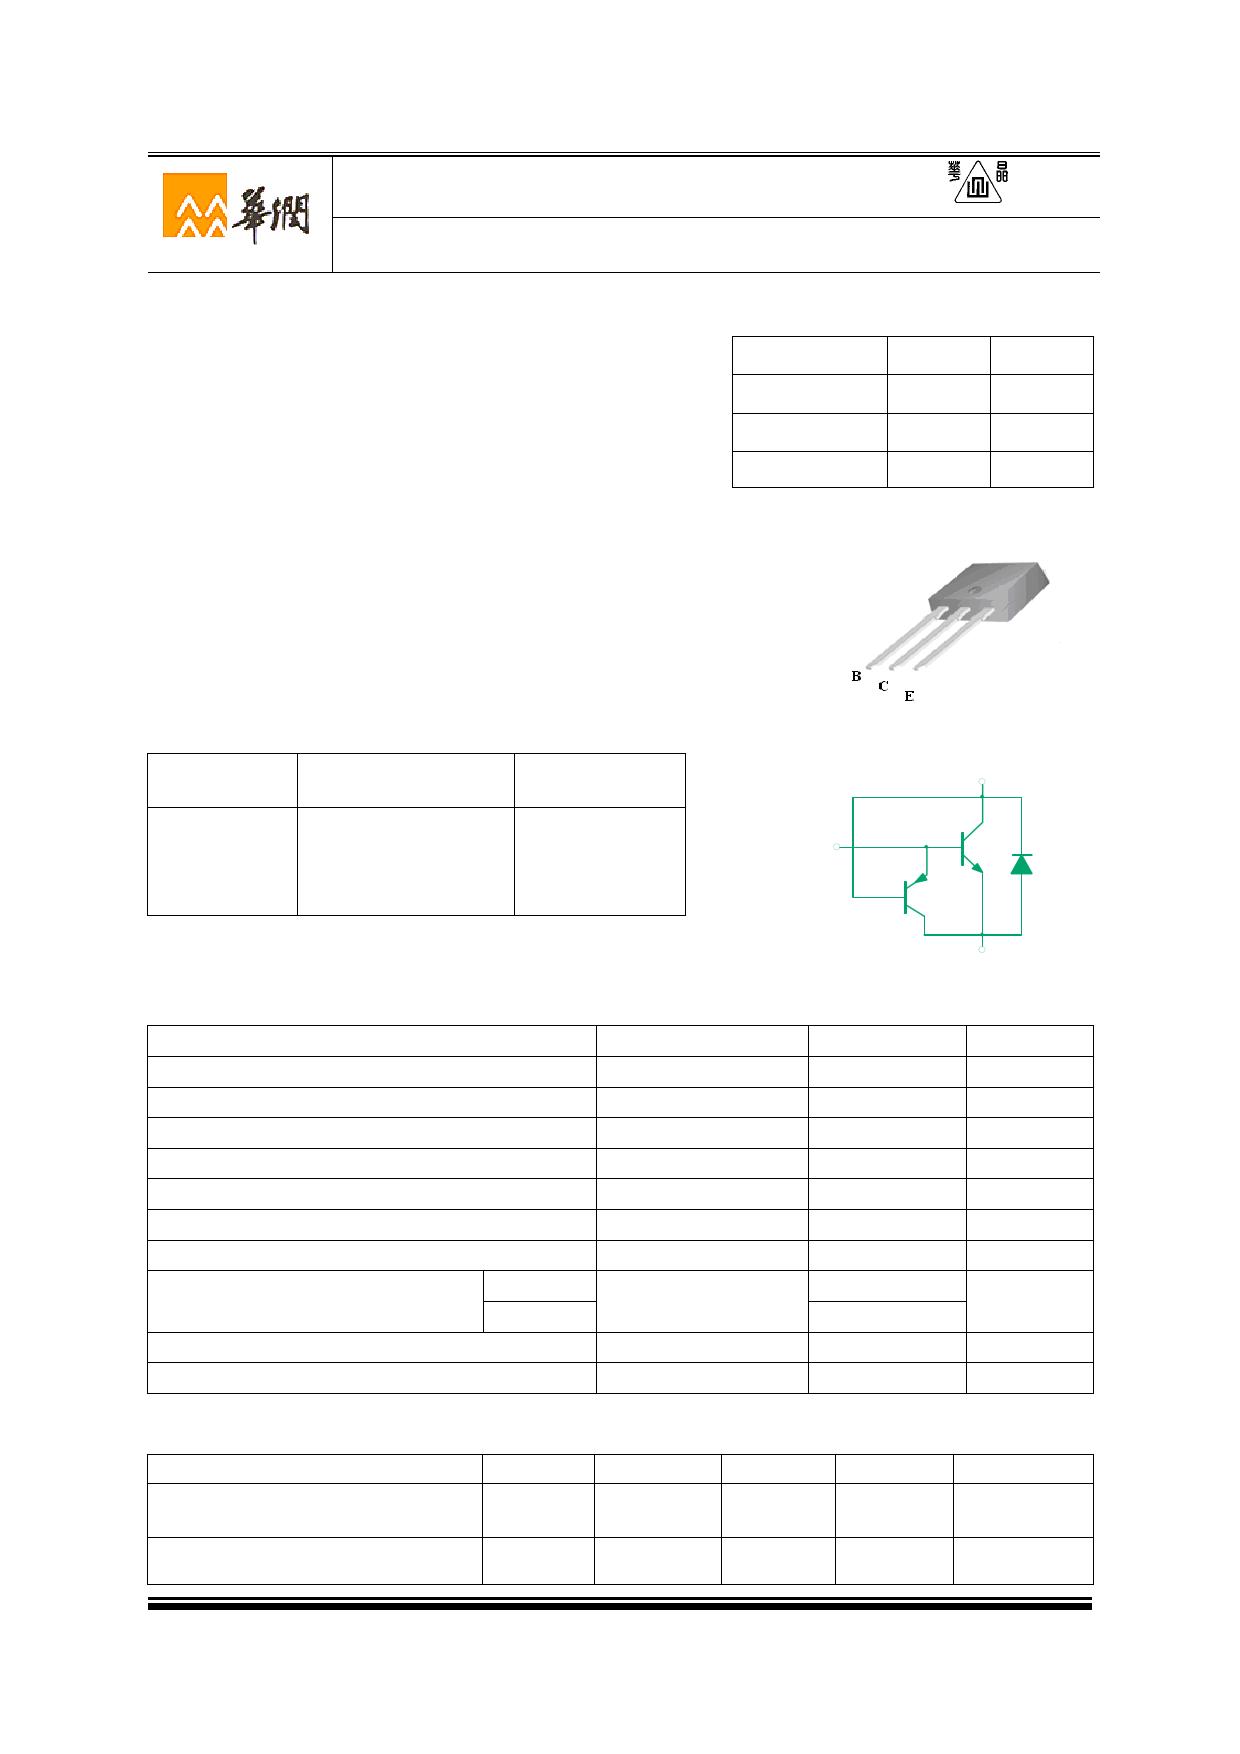 3DD13005G3D Datasheet, 3DD13005G3D PDF,ピン配置, 機能